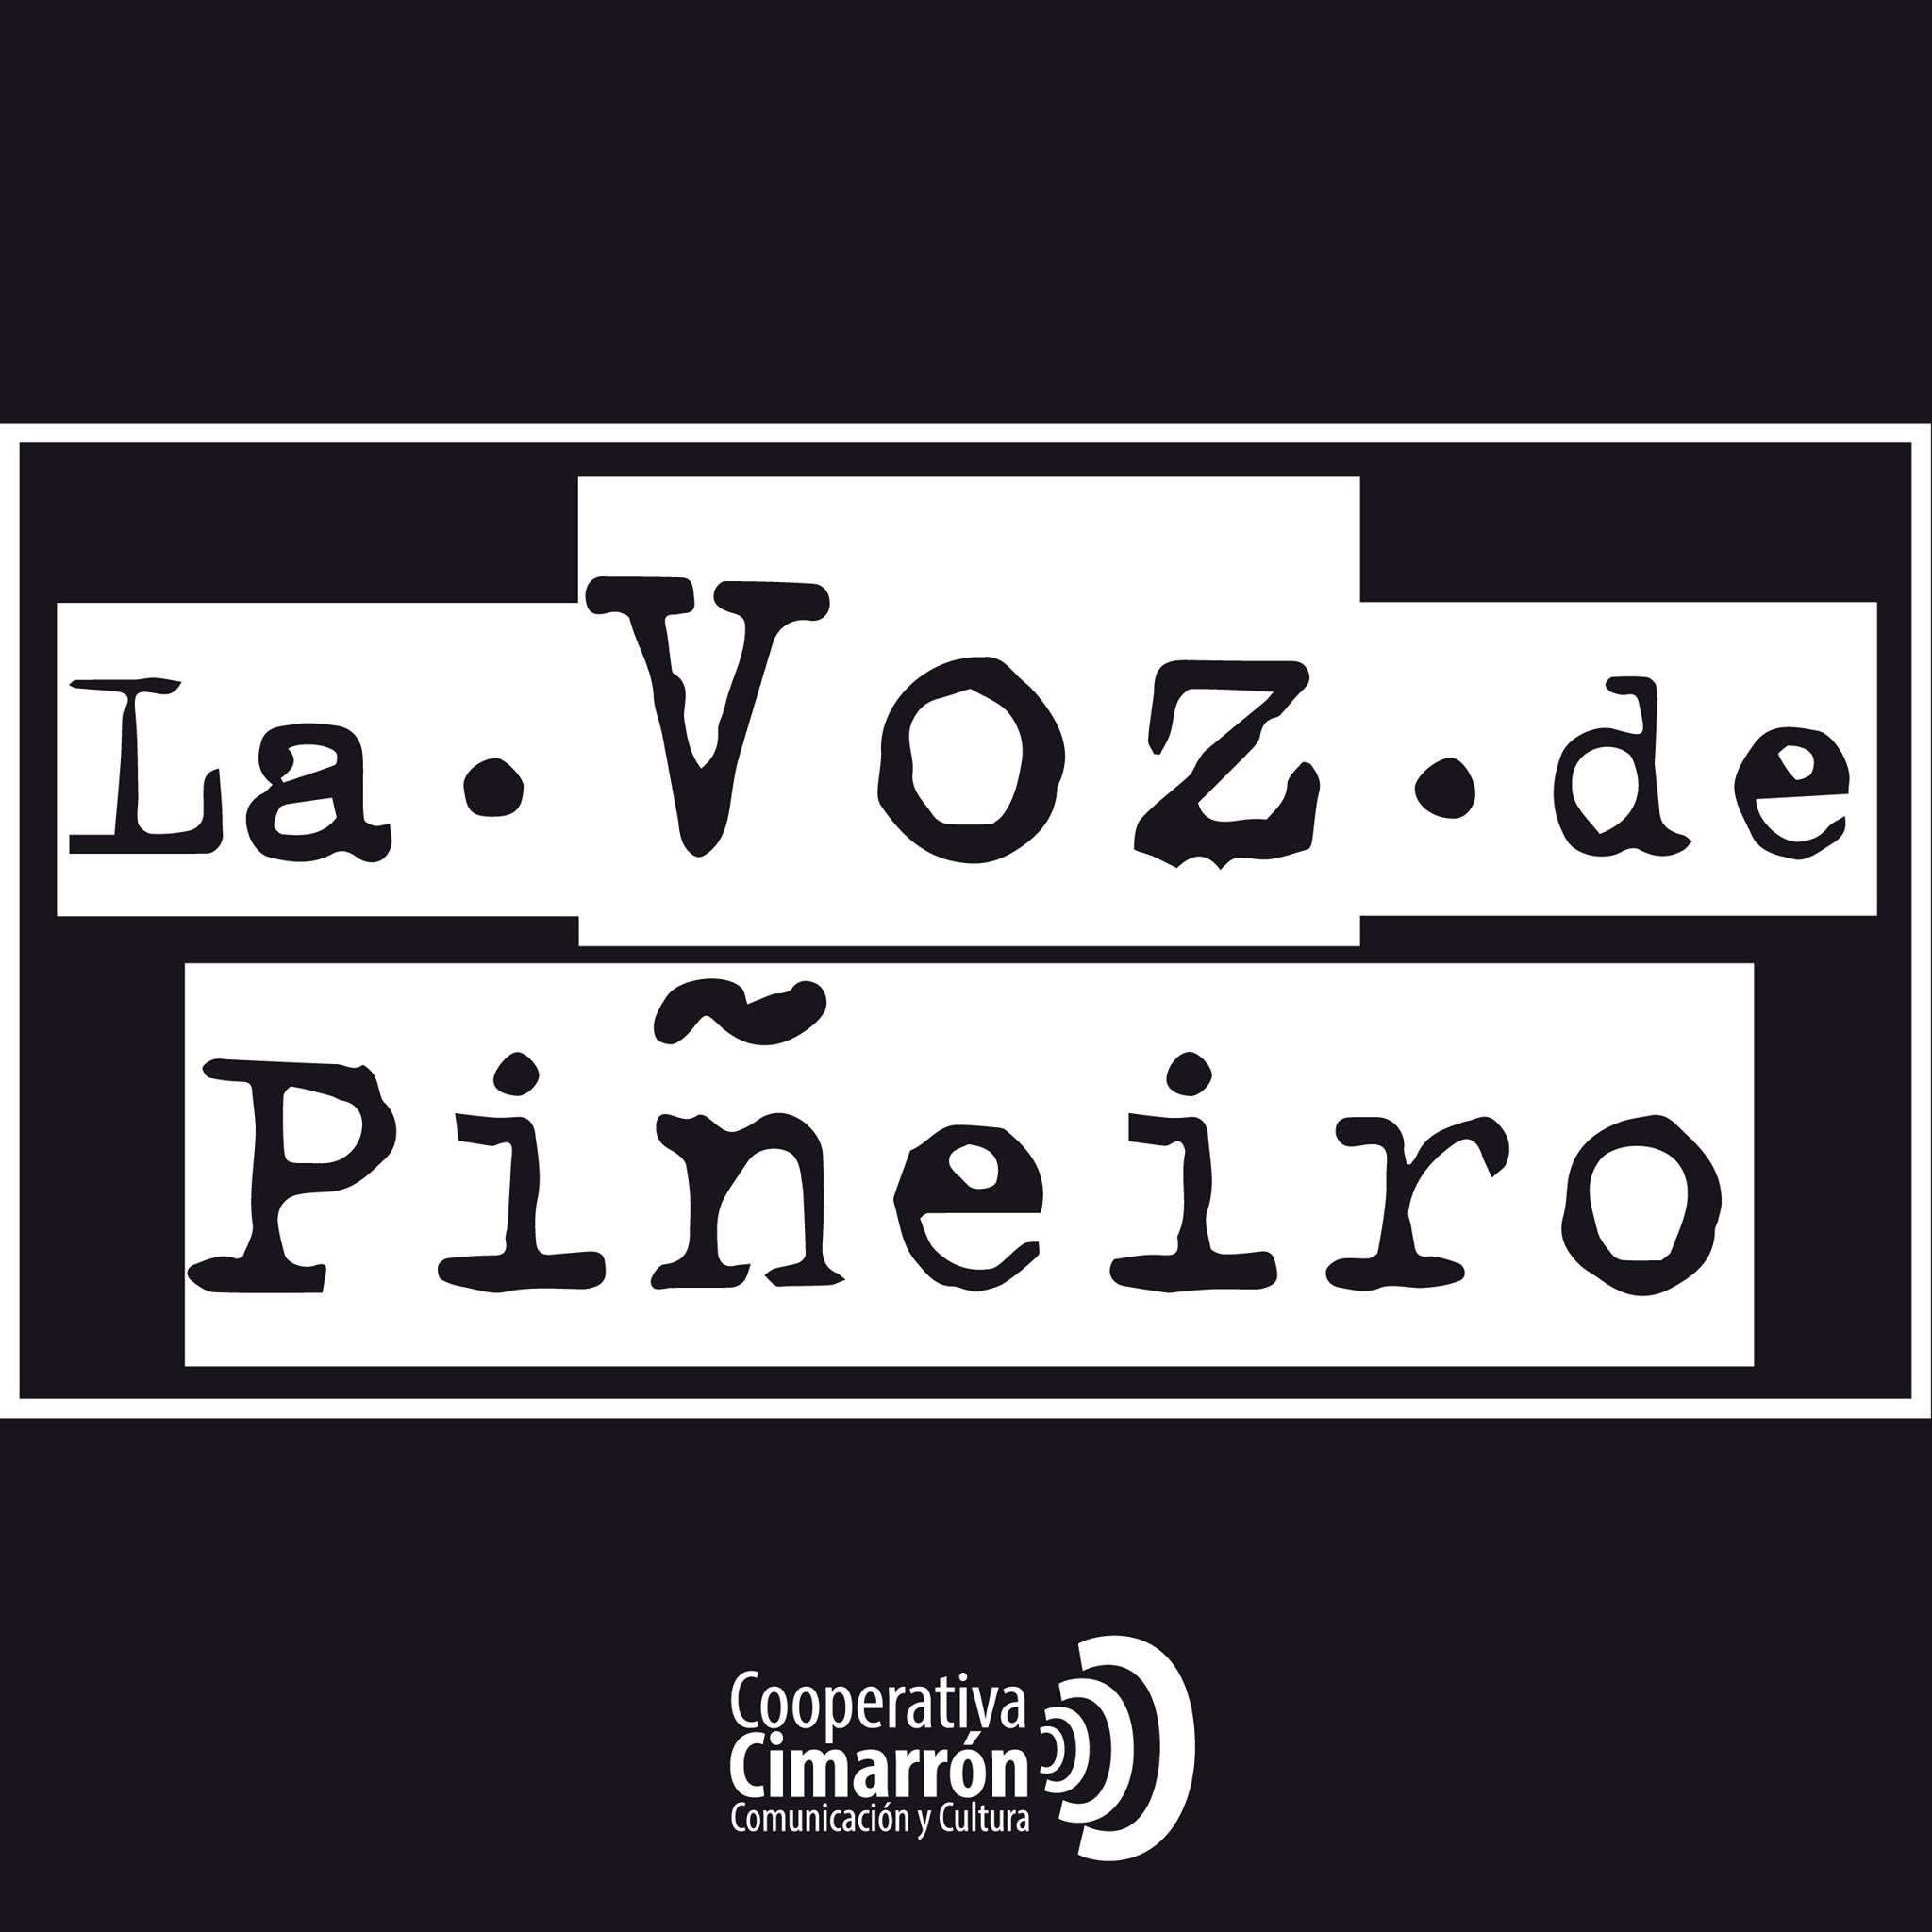 Cooperativa Cimarrón comunicación y cultura () - Diario La Voz de Piñeiro